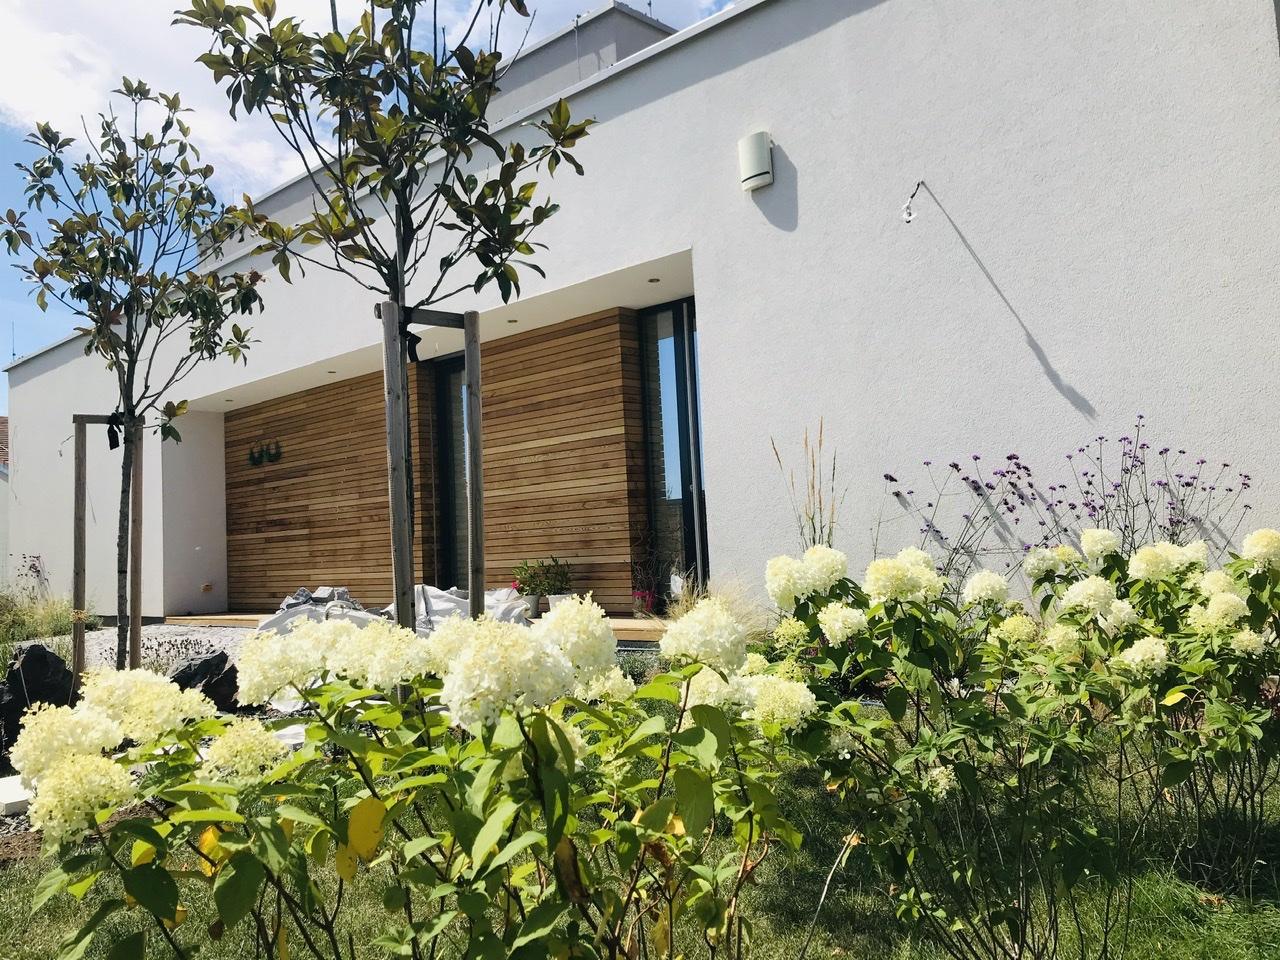 Naše L-ko - začiatok 4. roku bývania - Predzahrádka - biele hortenzie mesiac po vysadení lemujú lavú i pravu stranu predzahrádky